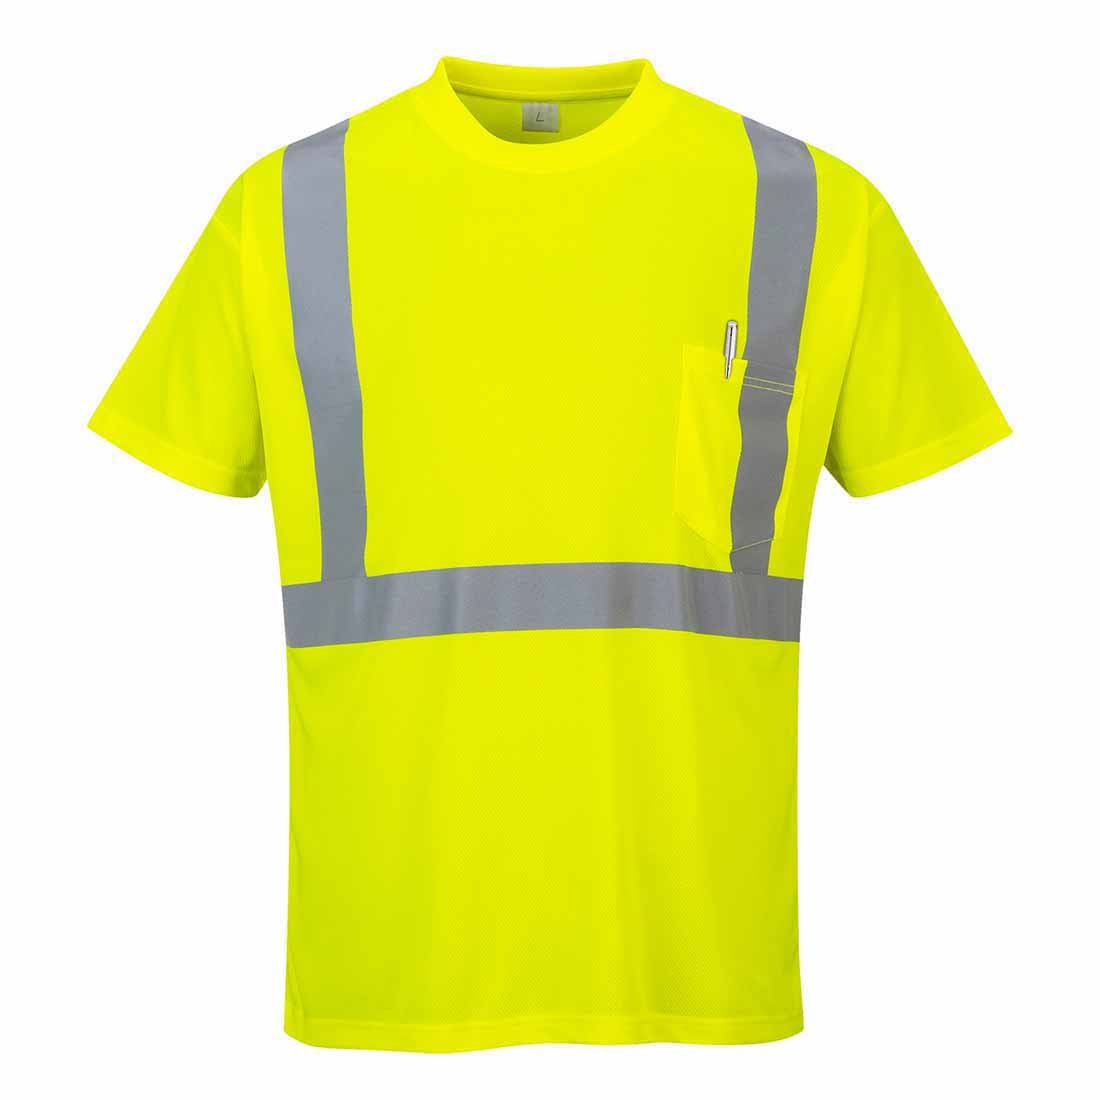 4XL Portwest S190 T-Shirt con Taschino ad Alta Visibilit/à Arancione